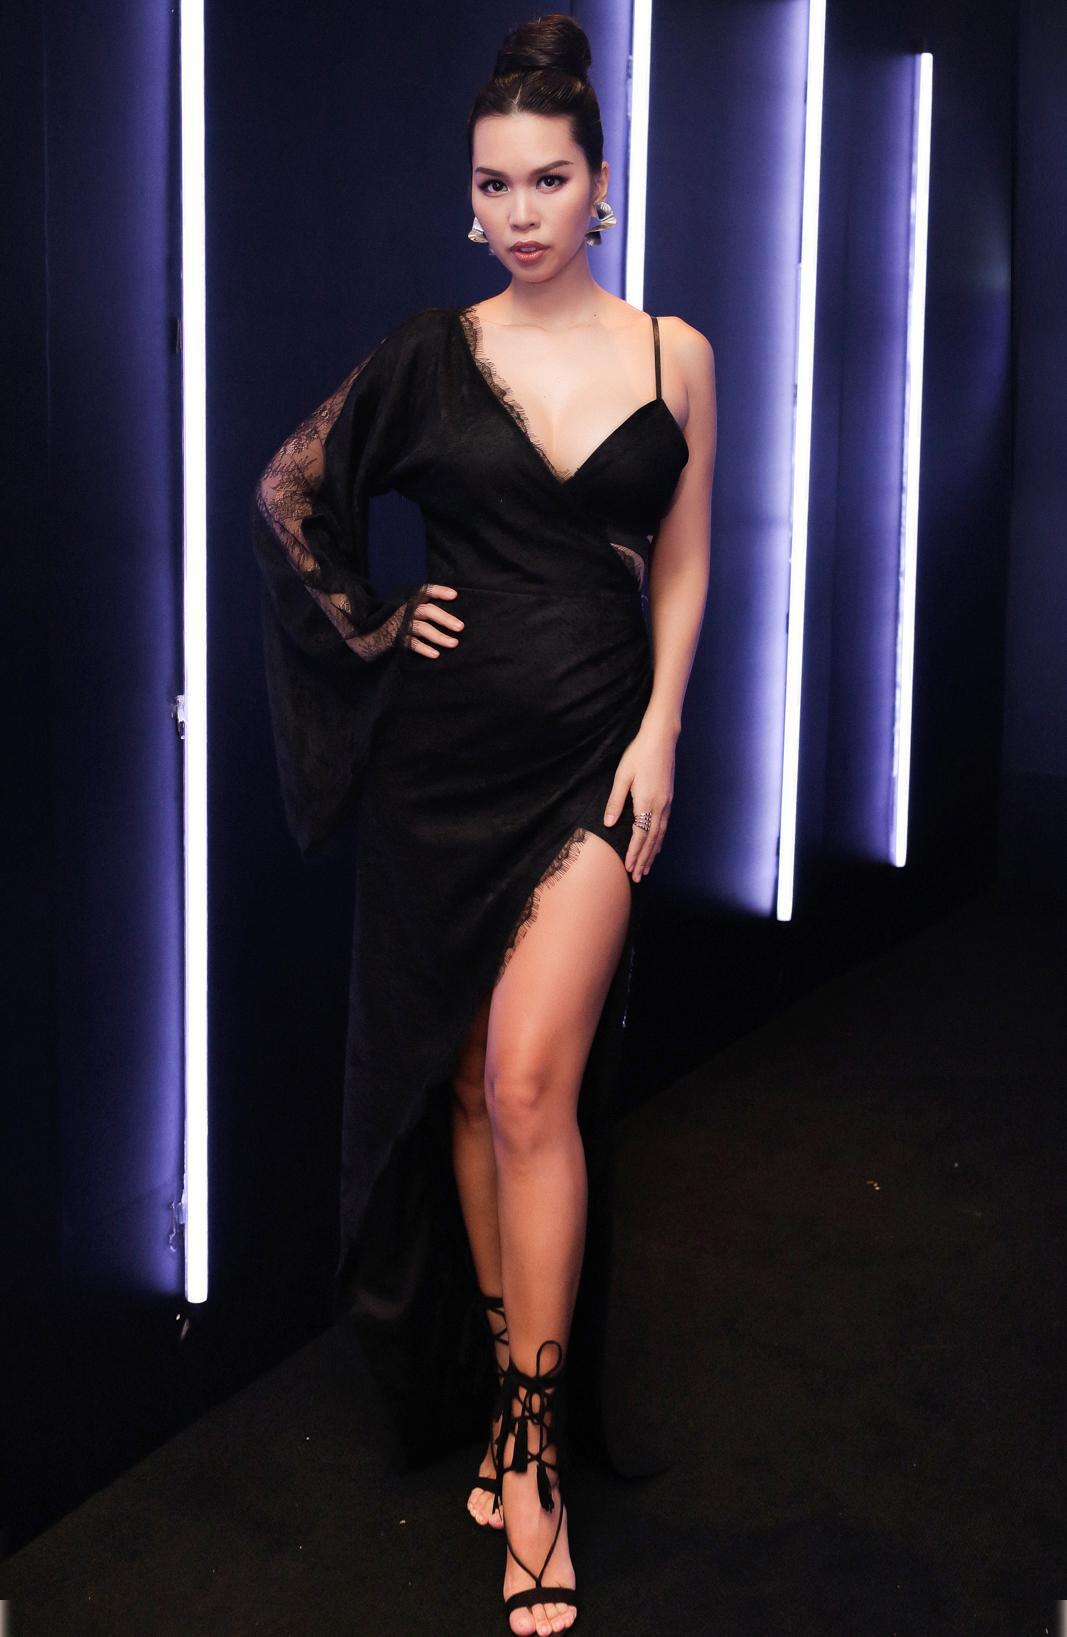 Đầu tư khủng không kém gì váy áo chính là kiểu tóc của dàn mỹ nhân Việt: Tẩy, uốn, vuốt keo, đính phụ kiện đều đủ cả - Ảnh 5.